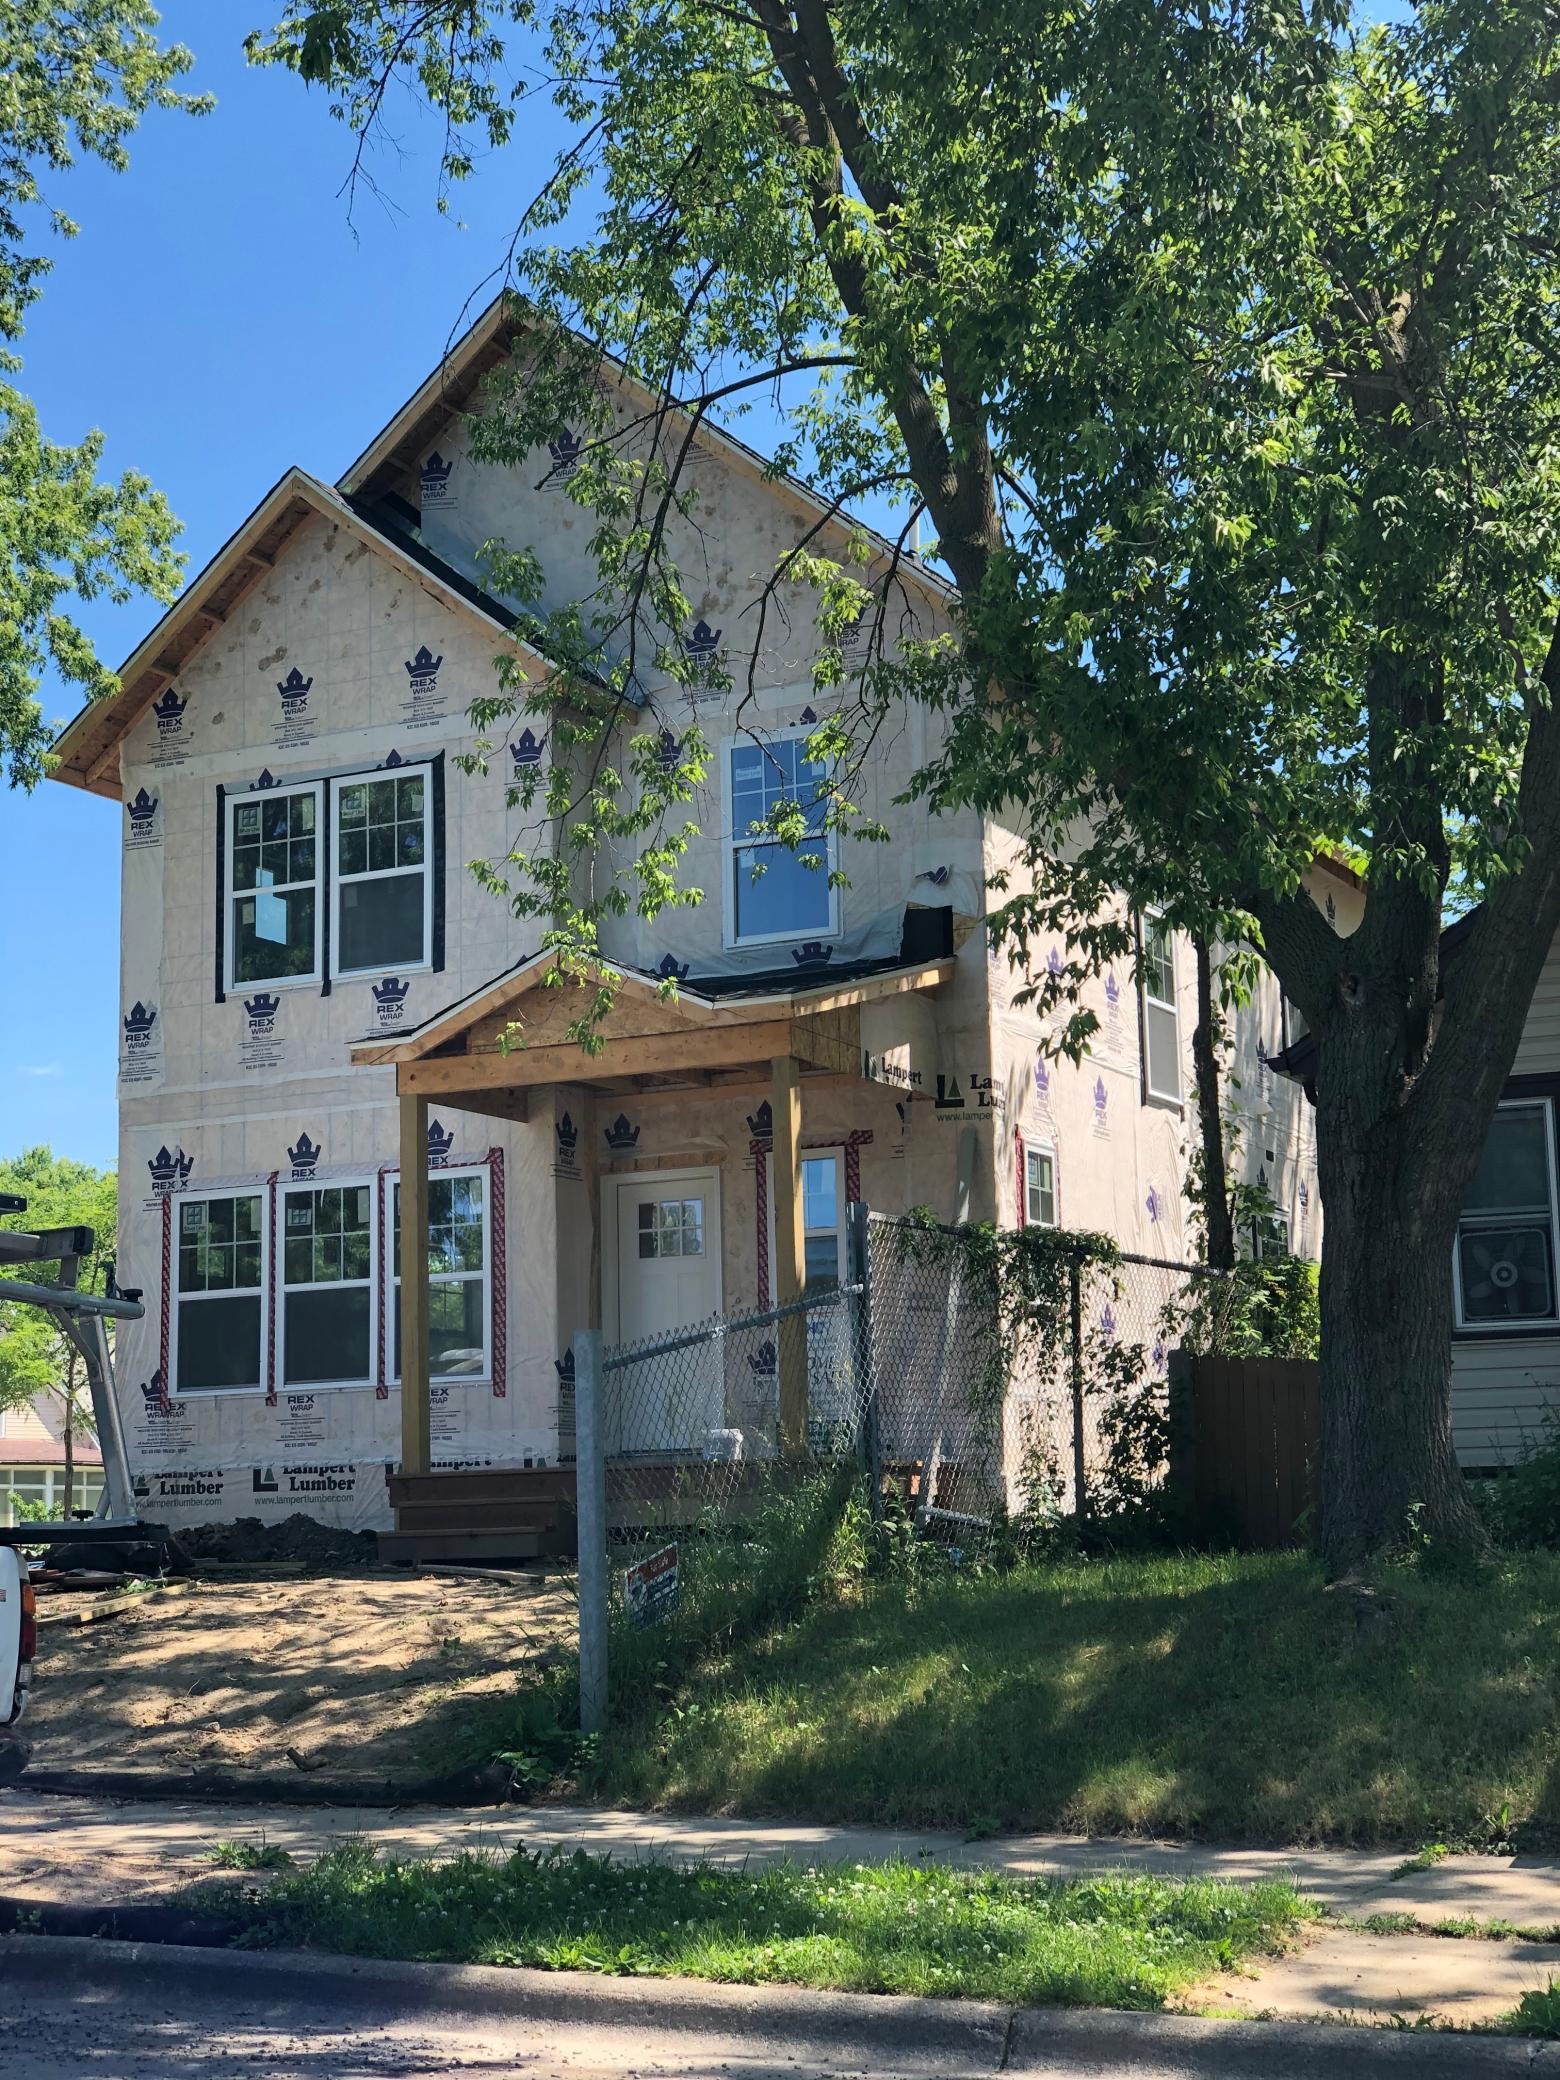 3126 Thomas N Property Photo - Minneapolis, MN real estate listing